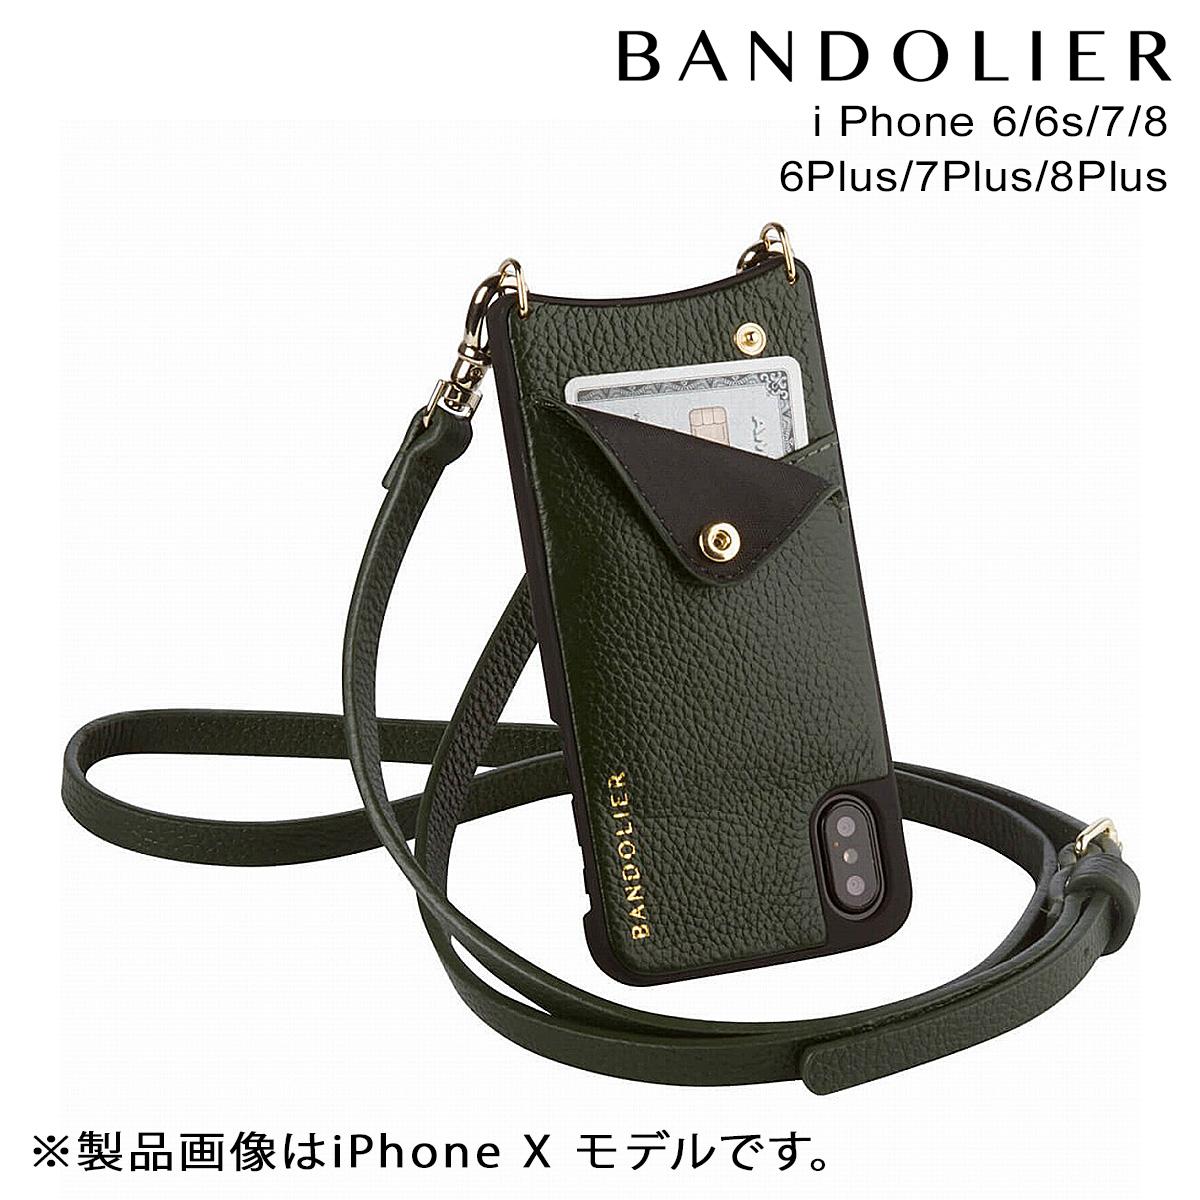 【最大2000円OFFクーポン】 BANDOLIER バンドリヤー iPhone8 iPhone7 7Plus 6s ケース スマホ アイフォン プラス EMMA EVERGREEN メンズ レディース